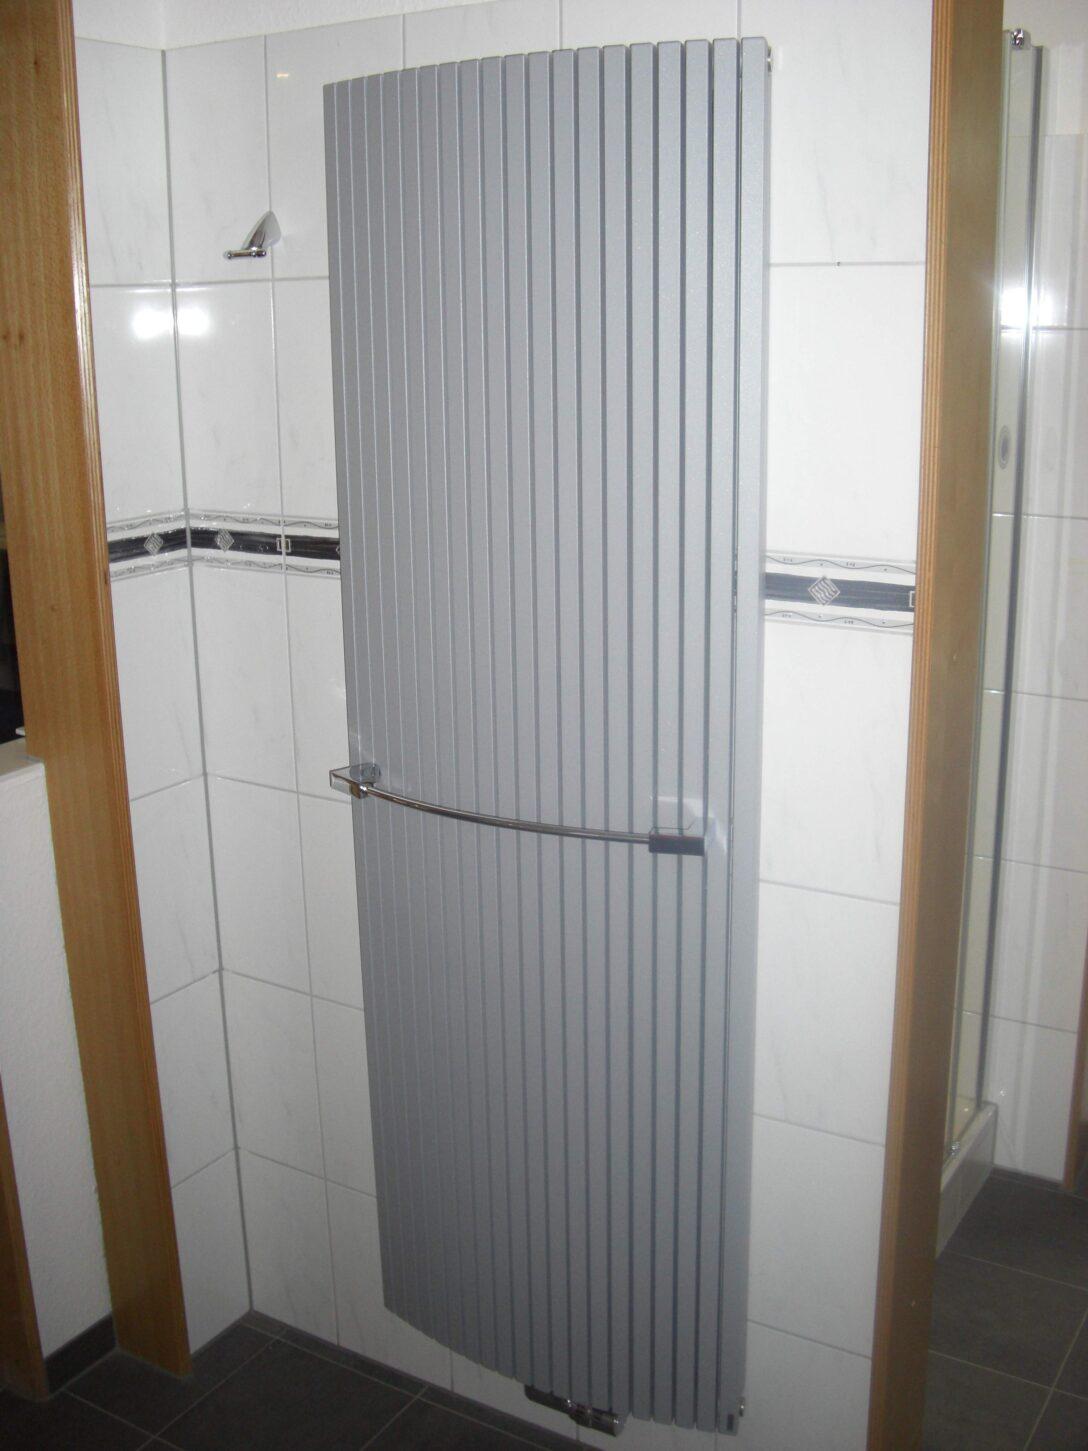 Vasco Heizkörper Bilder Zu Carre Cr A Viertelrund Heizkrper 244x1400mm N507 Bad Badezimmer Für Wohnzimmer Elektroheizkörper